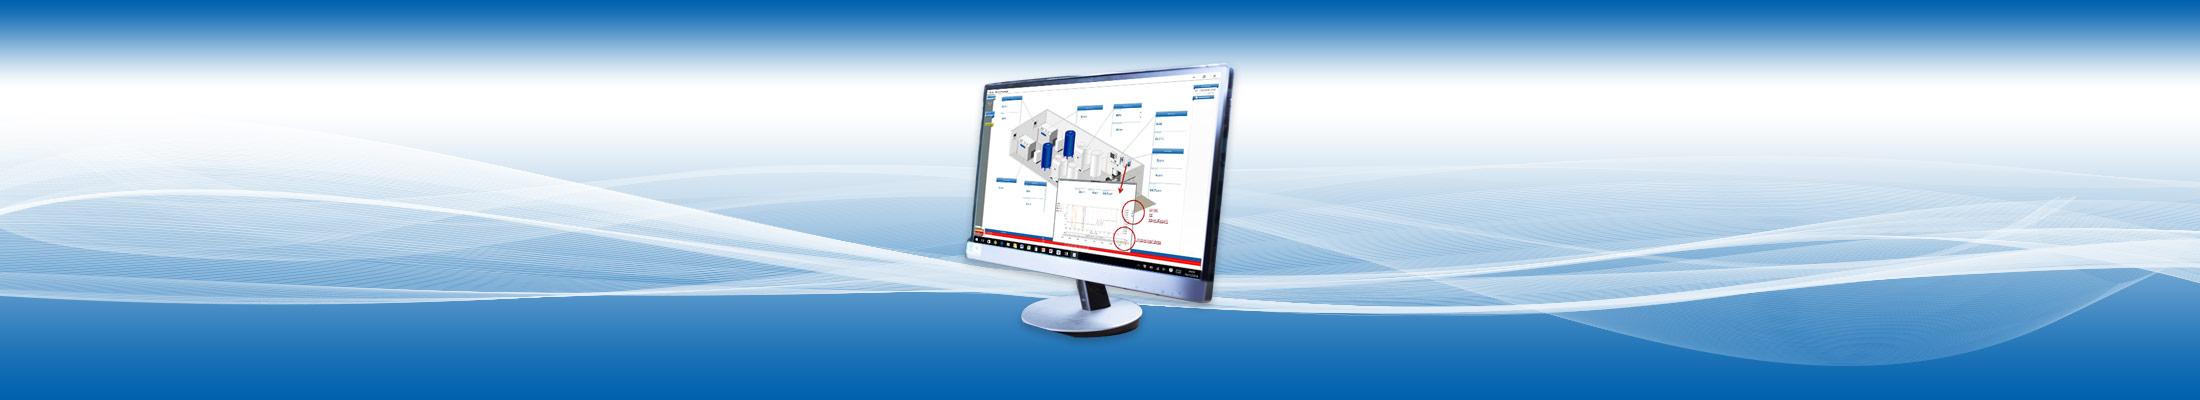 Remote monitoring - VISIO ACCESS